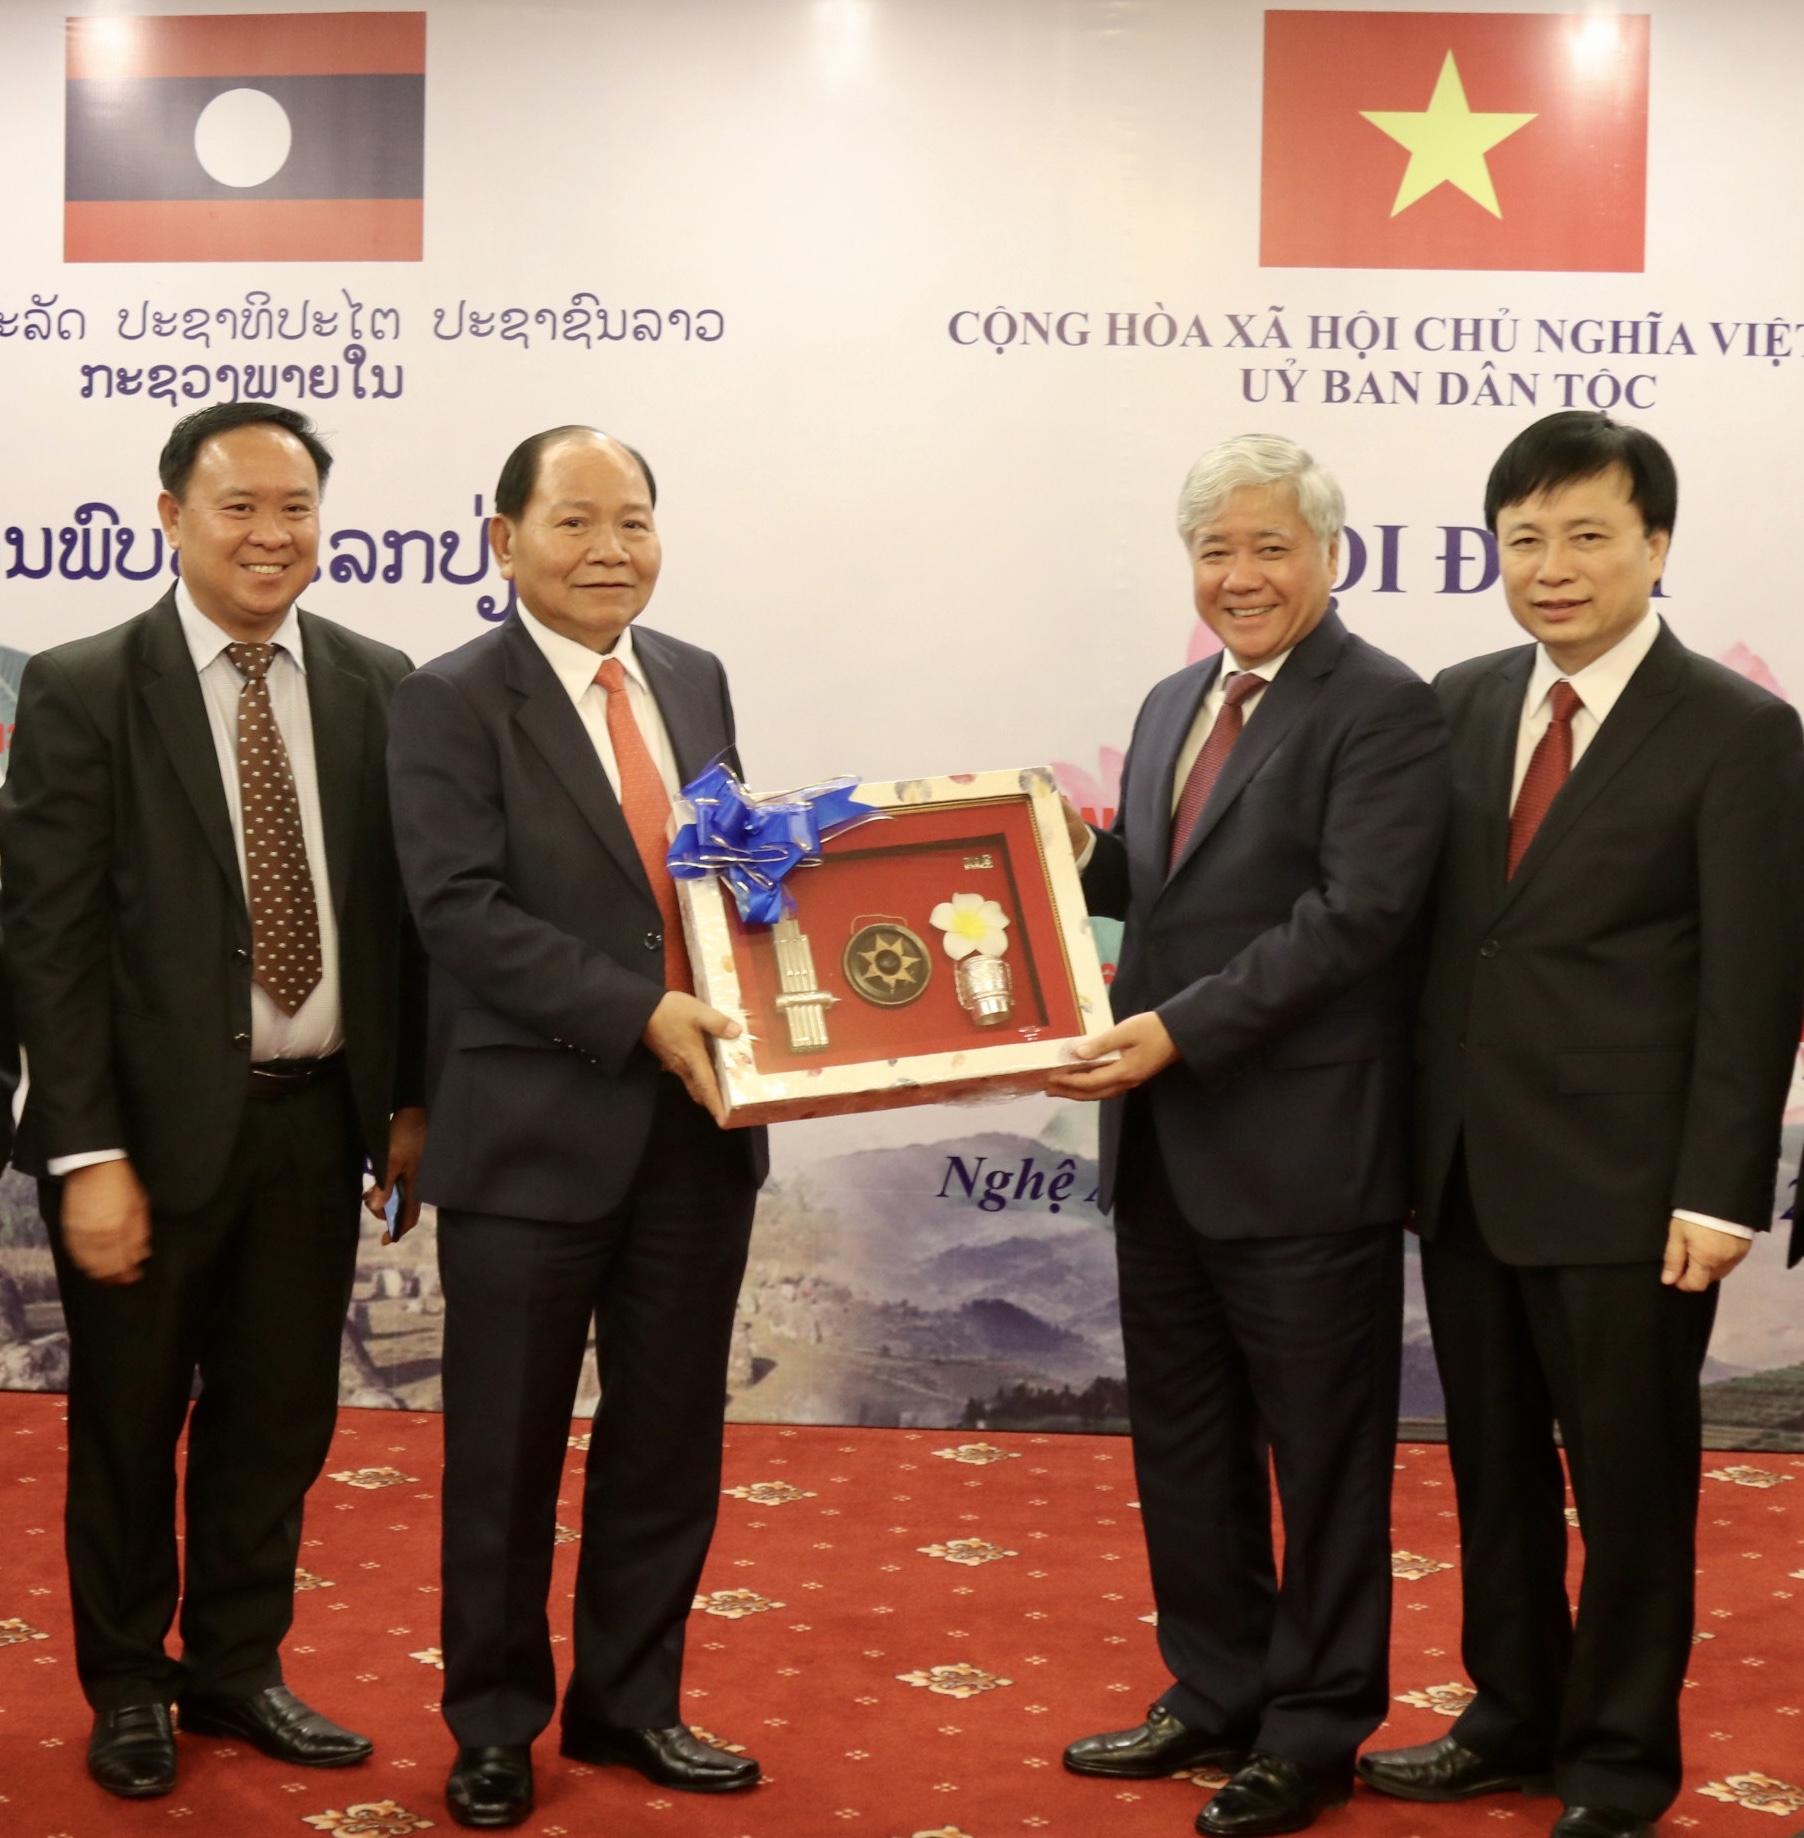 Bộ trưởng Bộ Nội vụ Lào Khăm-mặn Xủn-vi-lợt tặng quà lưu niệm cho Đoàn công tác UBDT